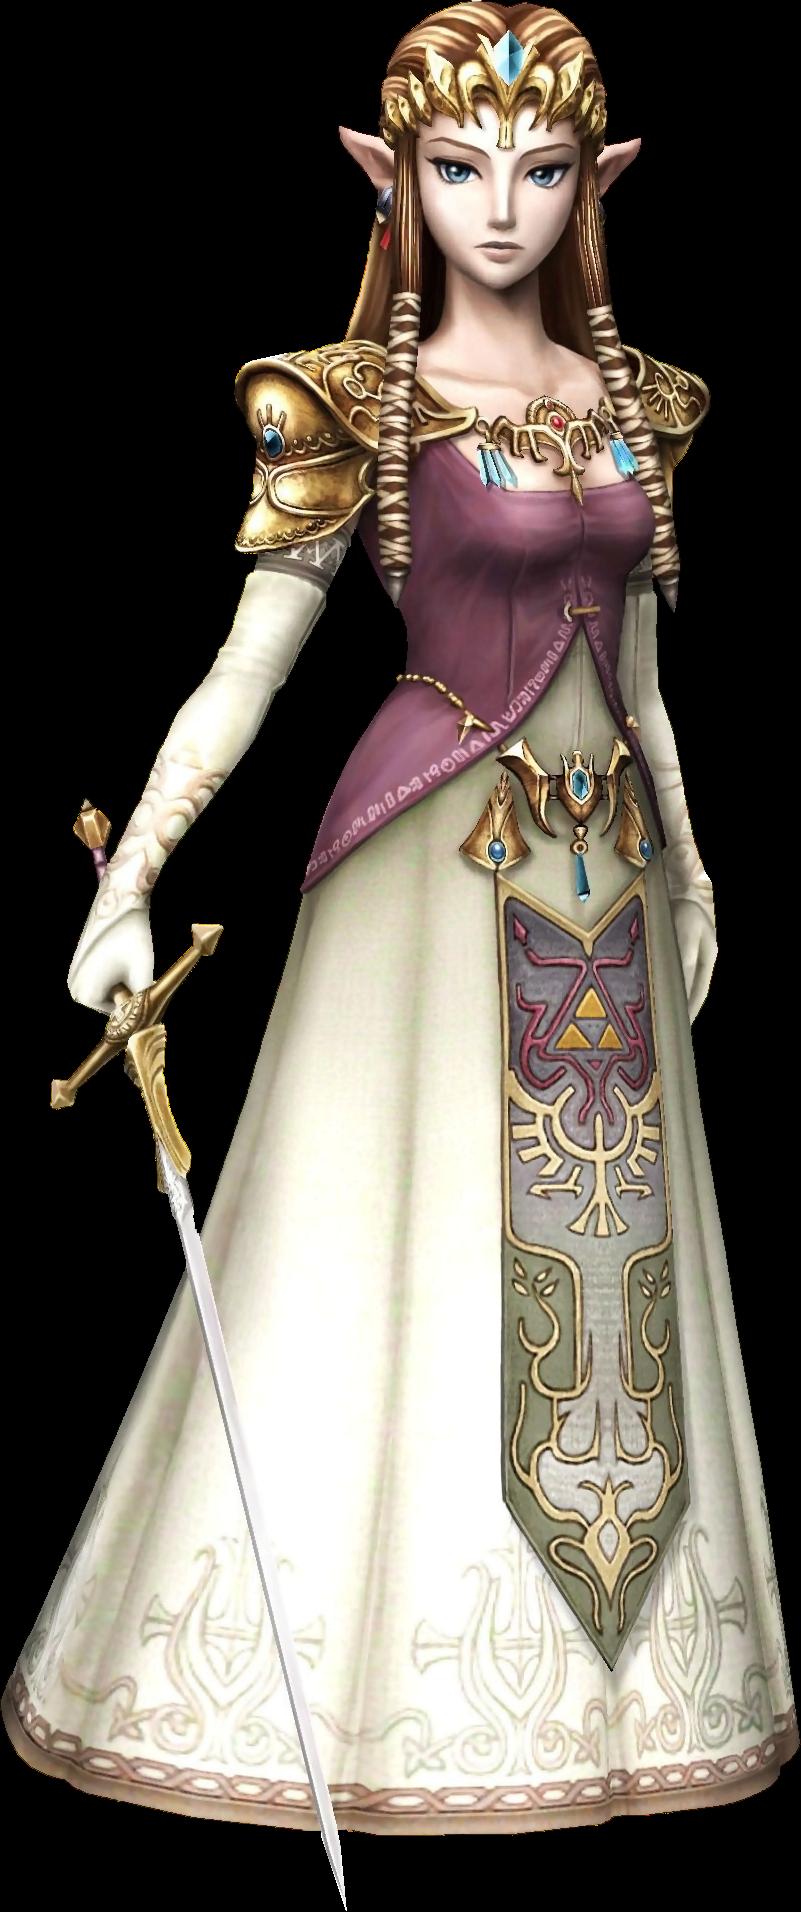 Princesse zelda - La princesse zelda ...